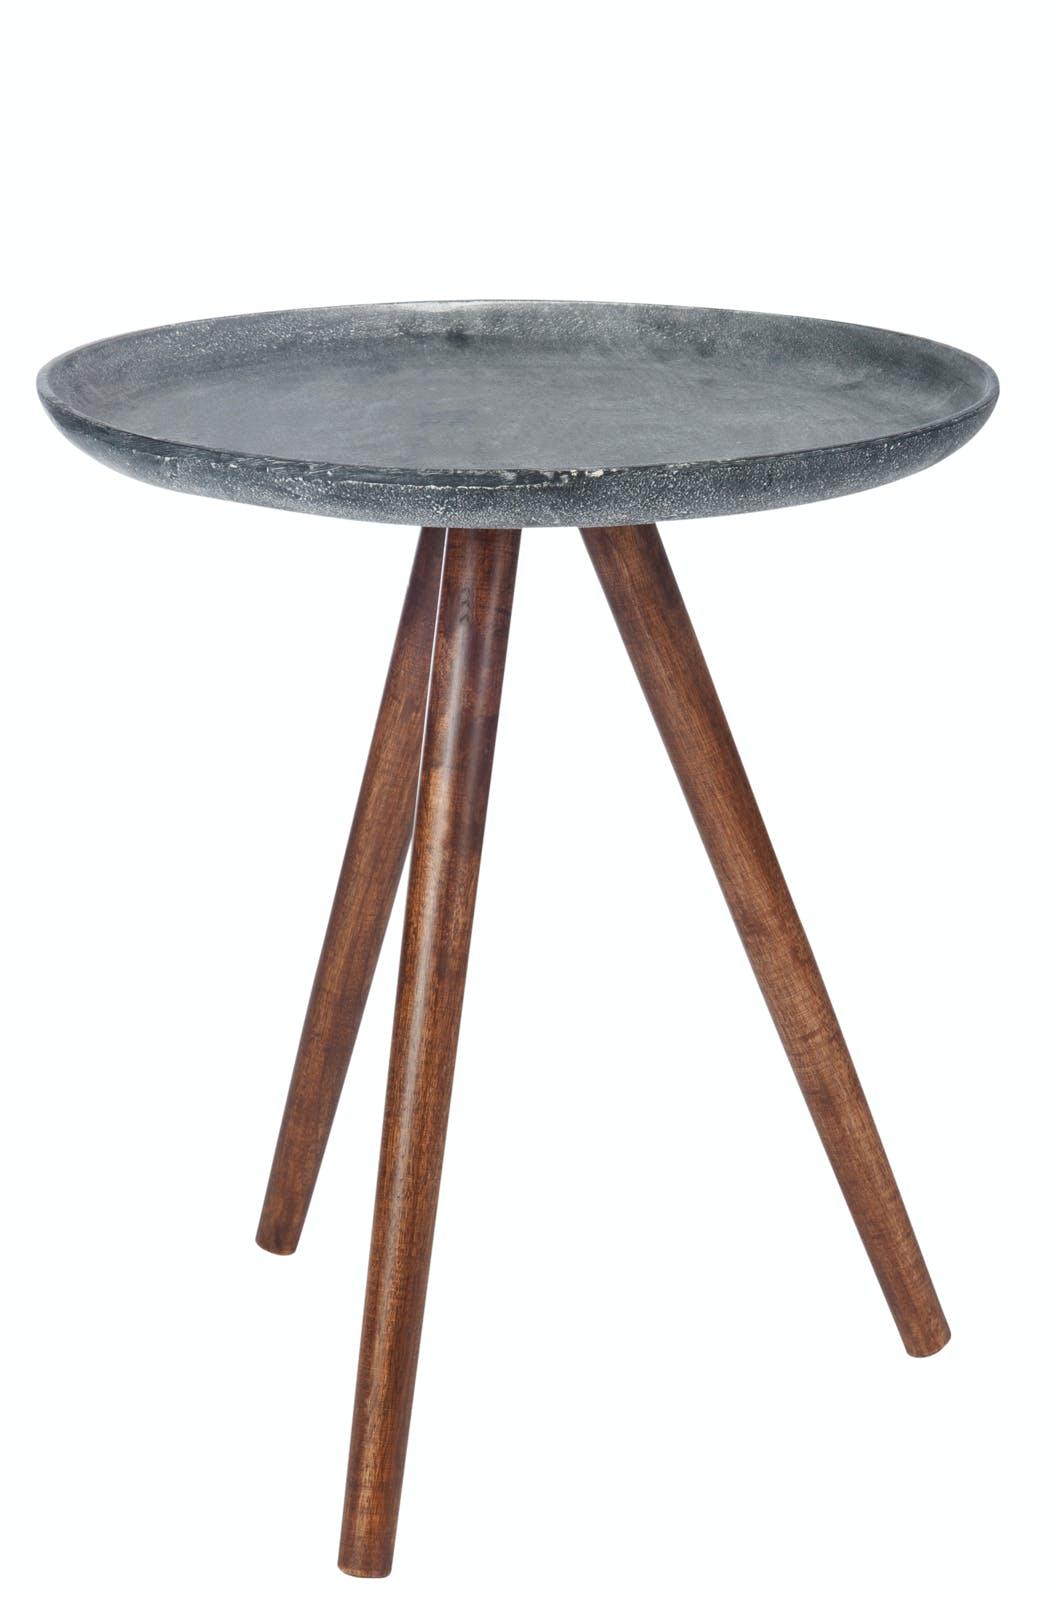 Table d'appoint plateau métal gris vieilli,pieds bois - D45 H50cm